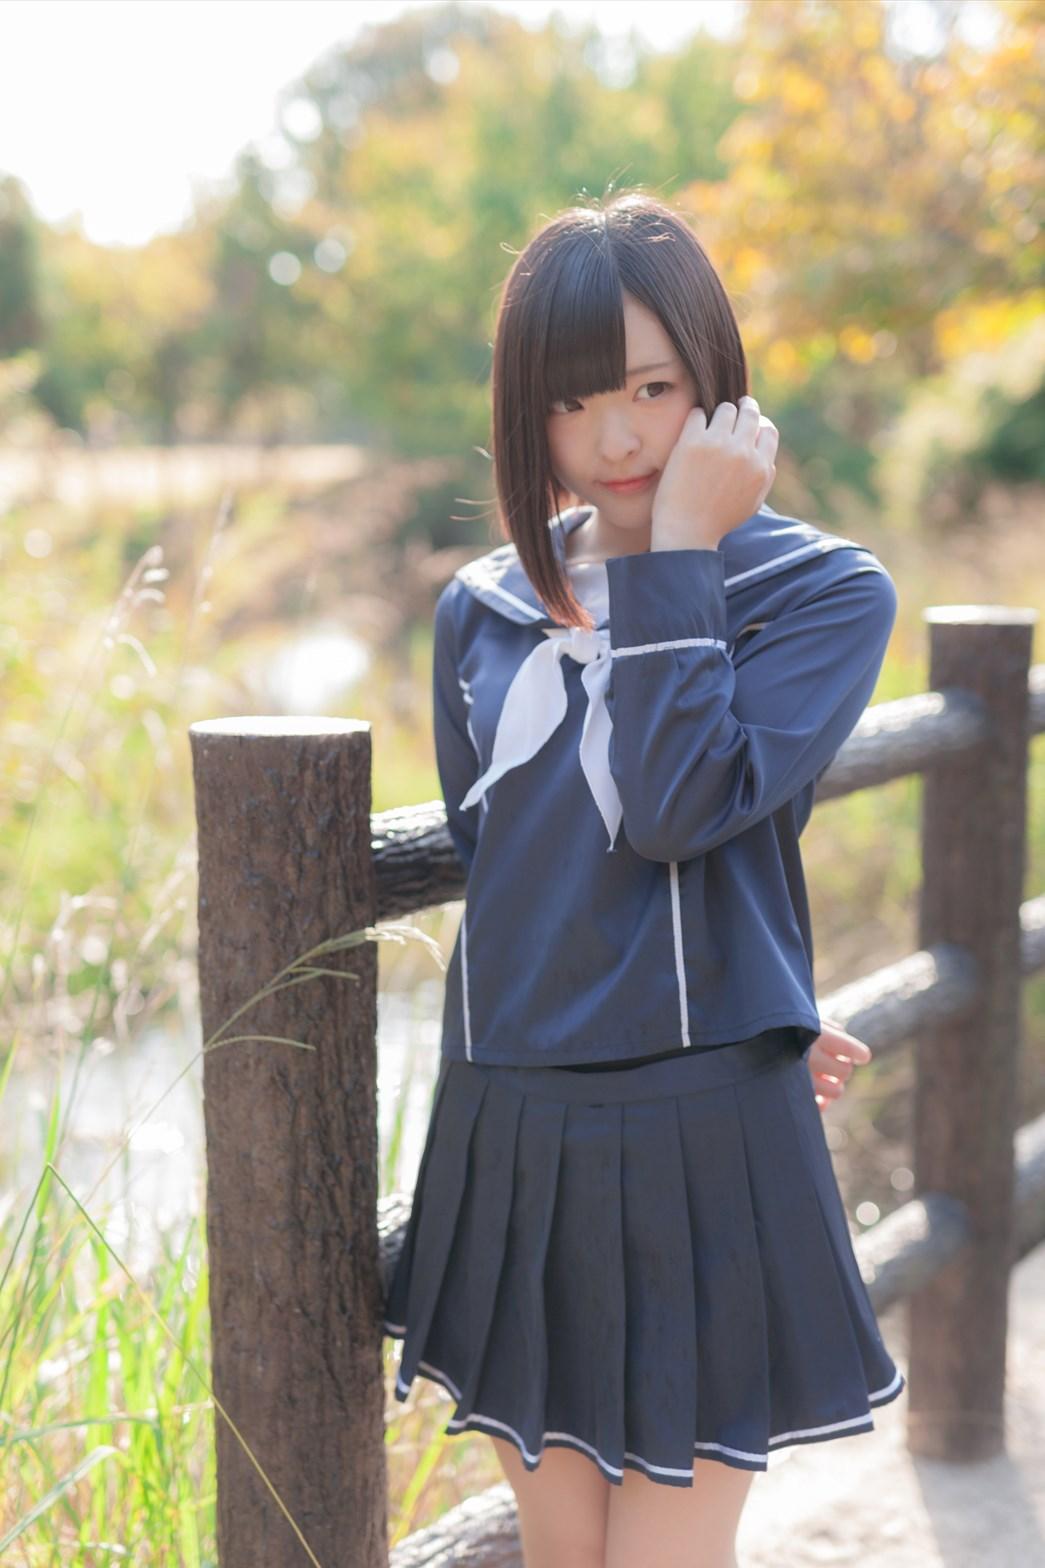 【兔玩映画】学妹的情书 兔玩映画 第19张